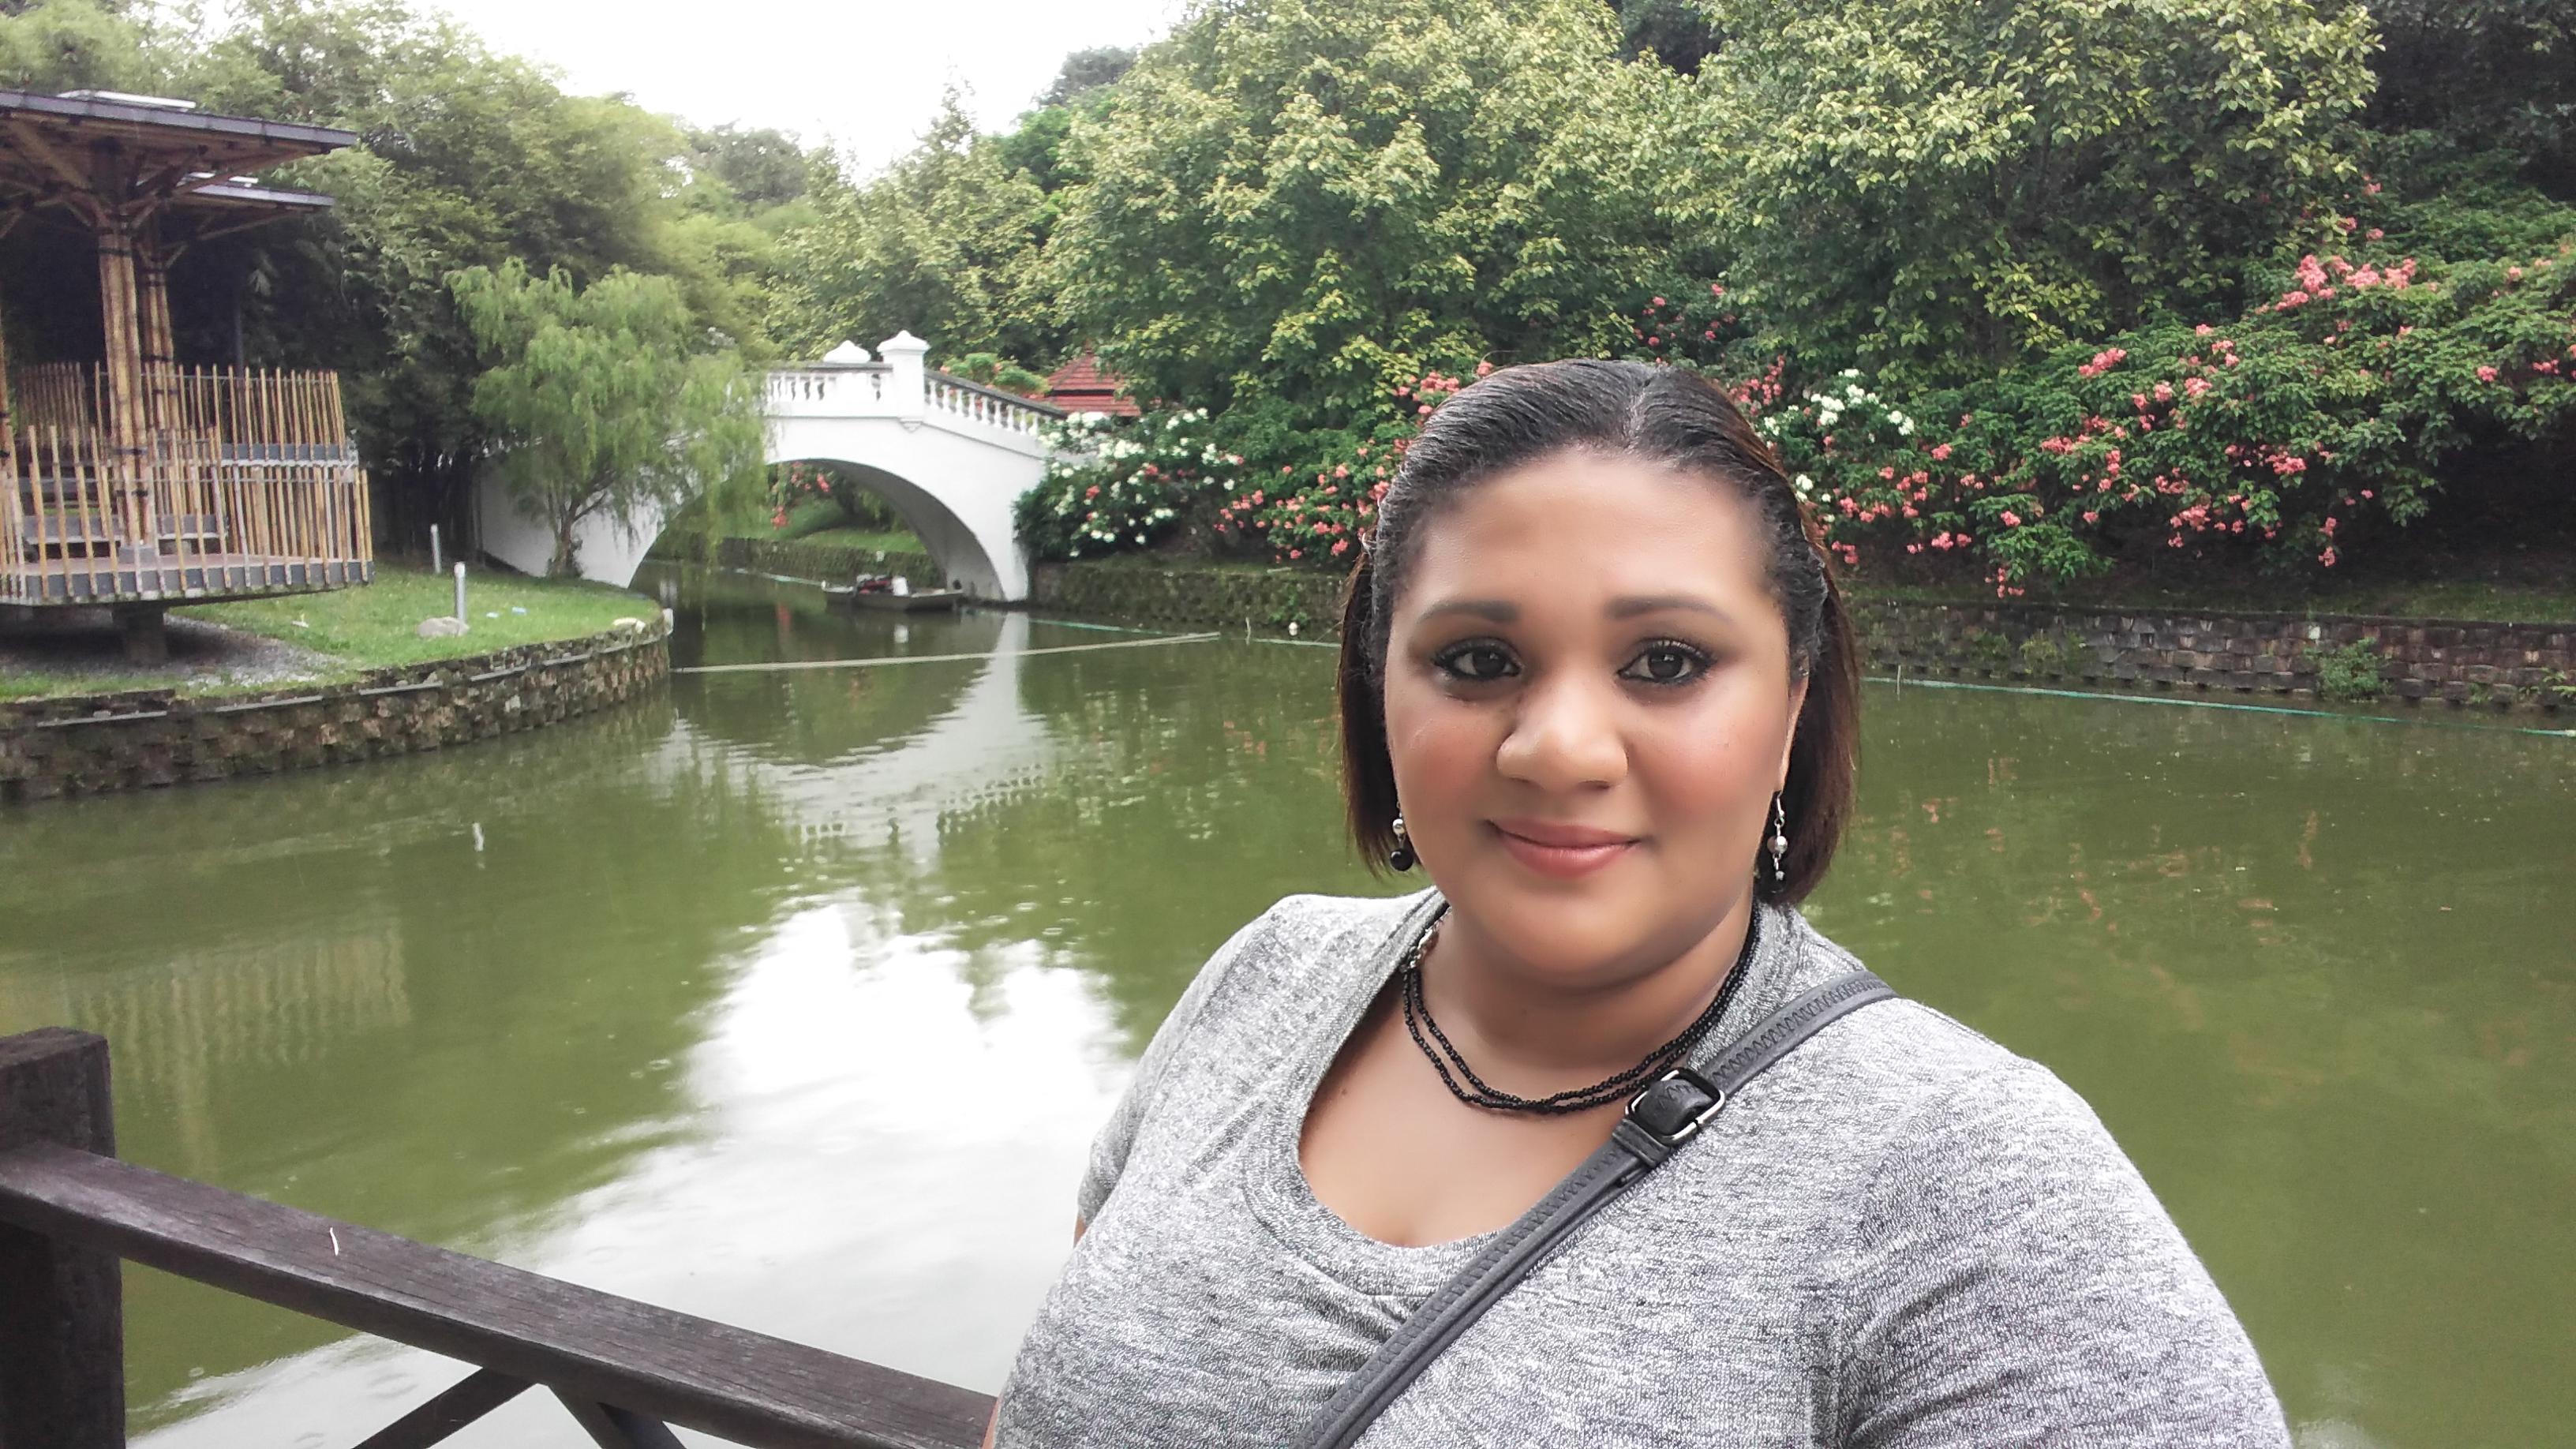 Ginna Salaman